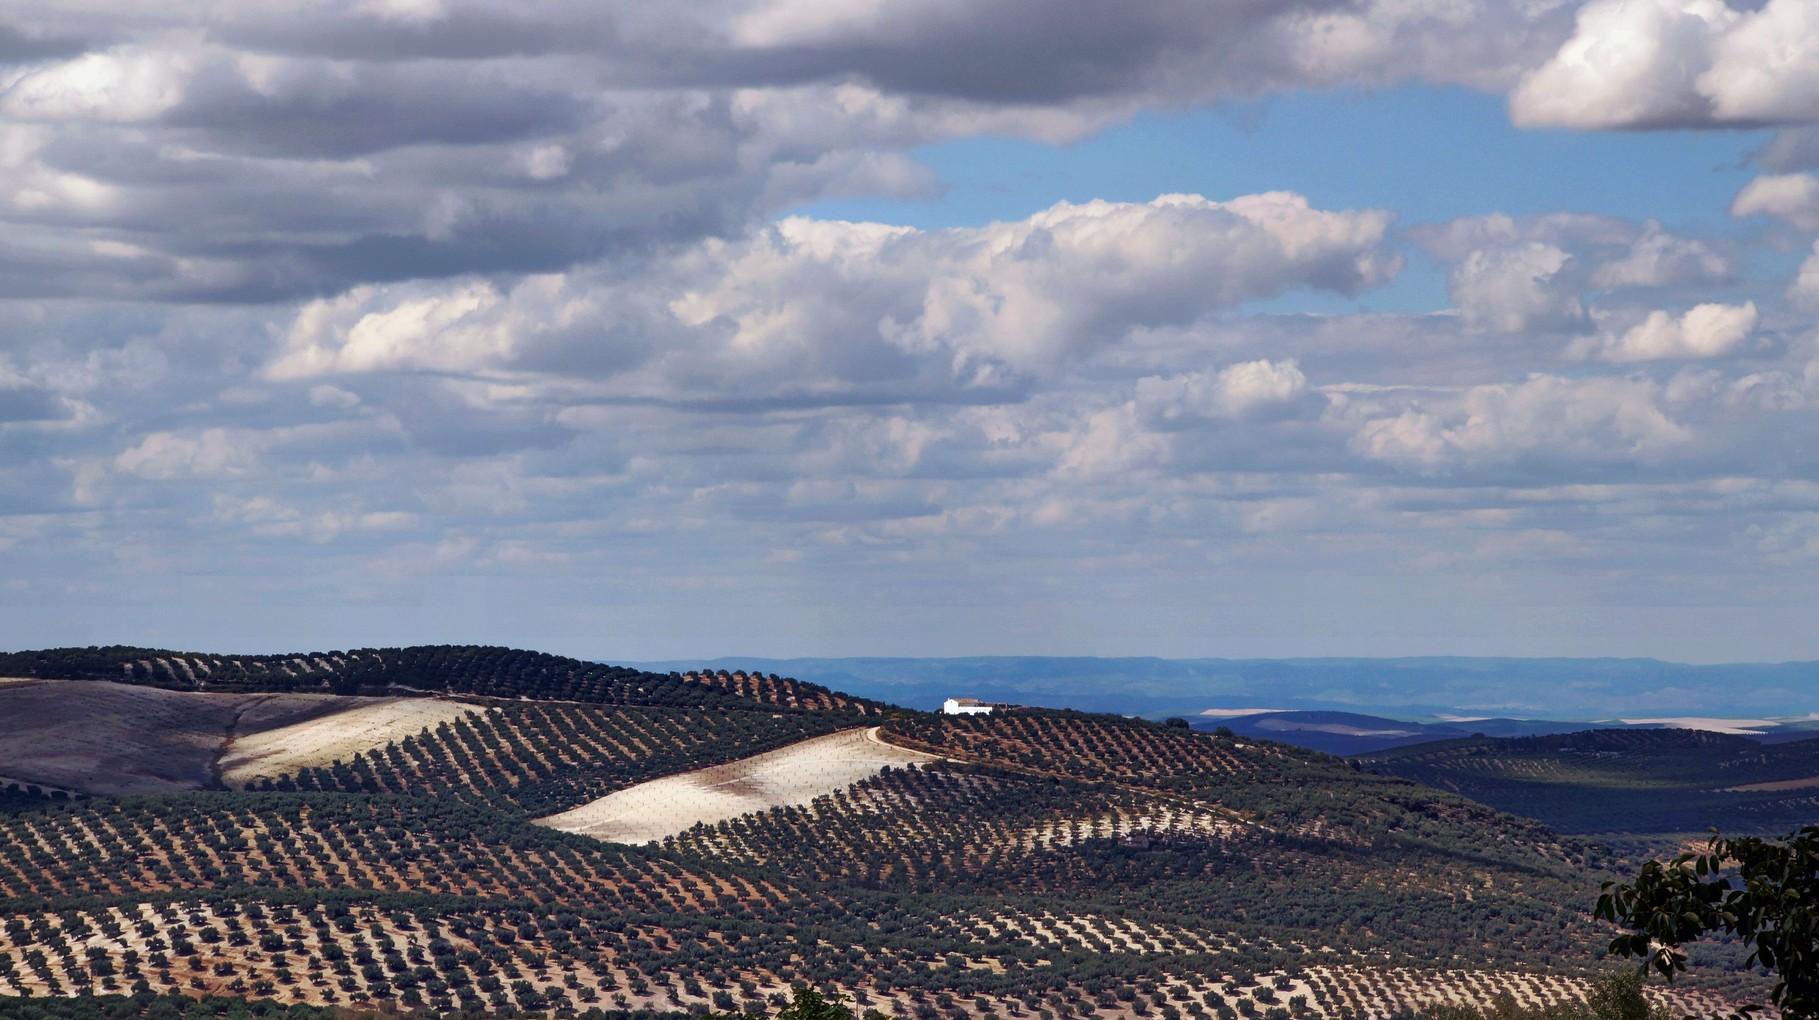 <B>Auf geht's in Spaniens Landesinnere, das uns mit abwechslungsreicher Landschaft und reichhaltiger Vegetation begrüsst.</B>